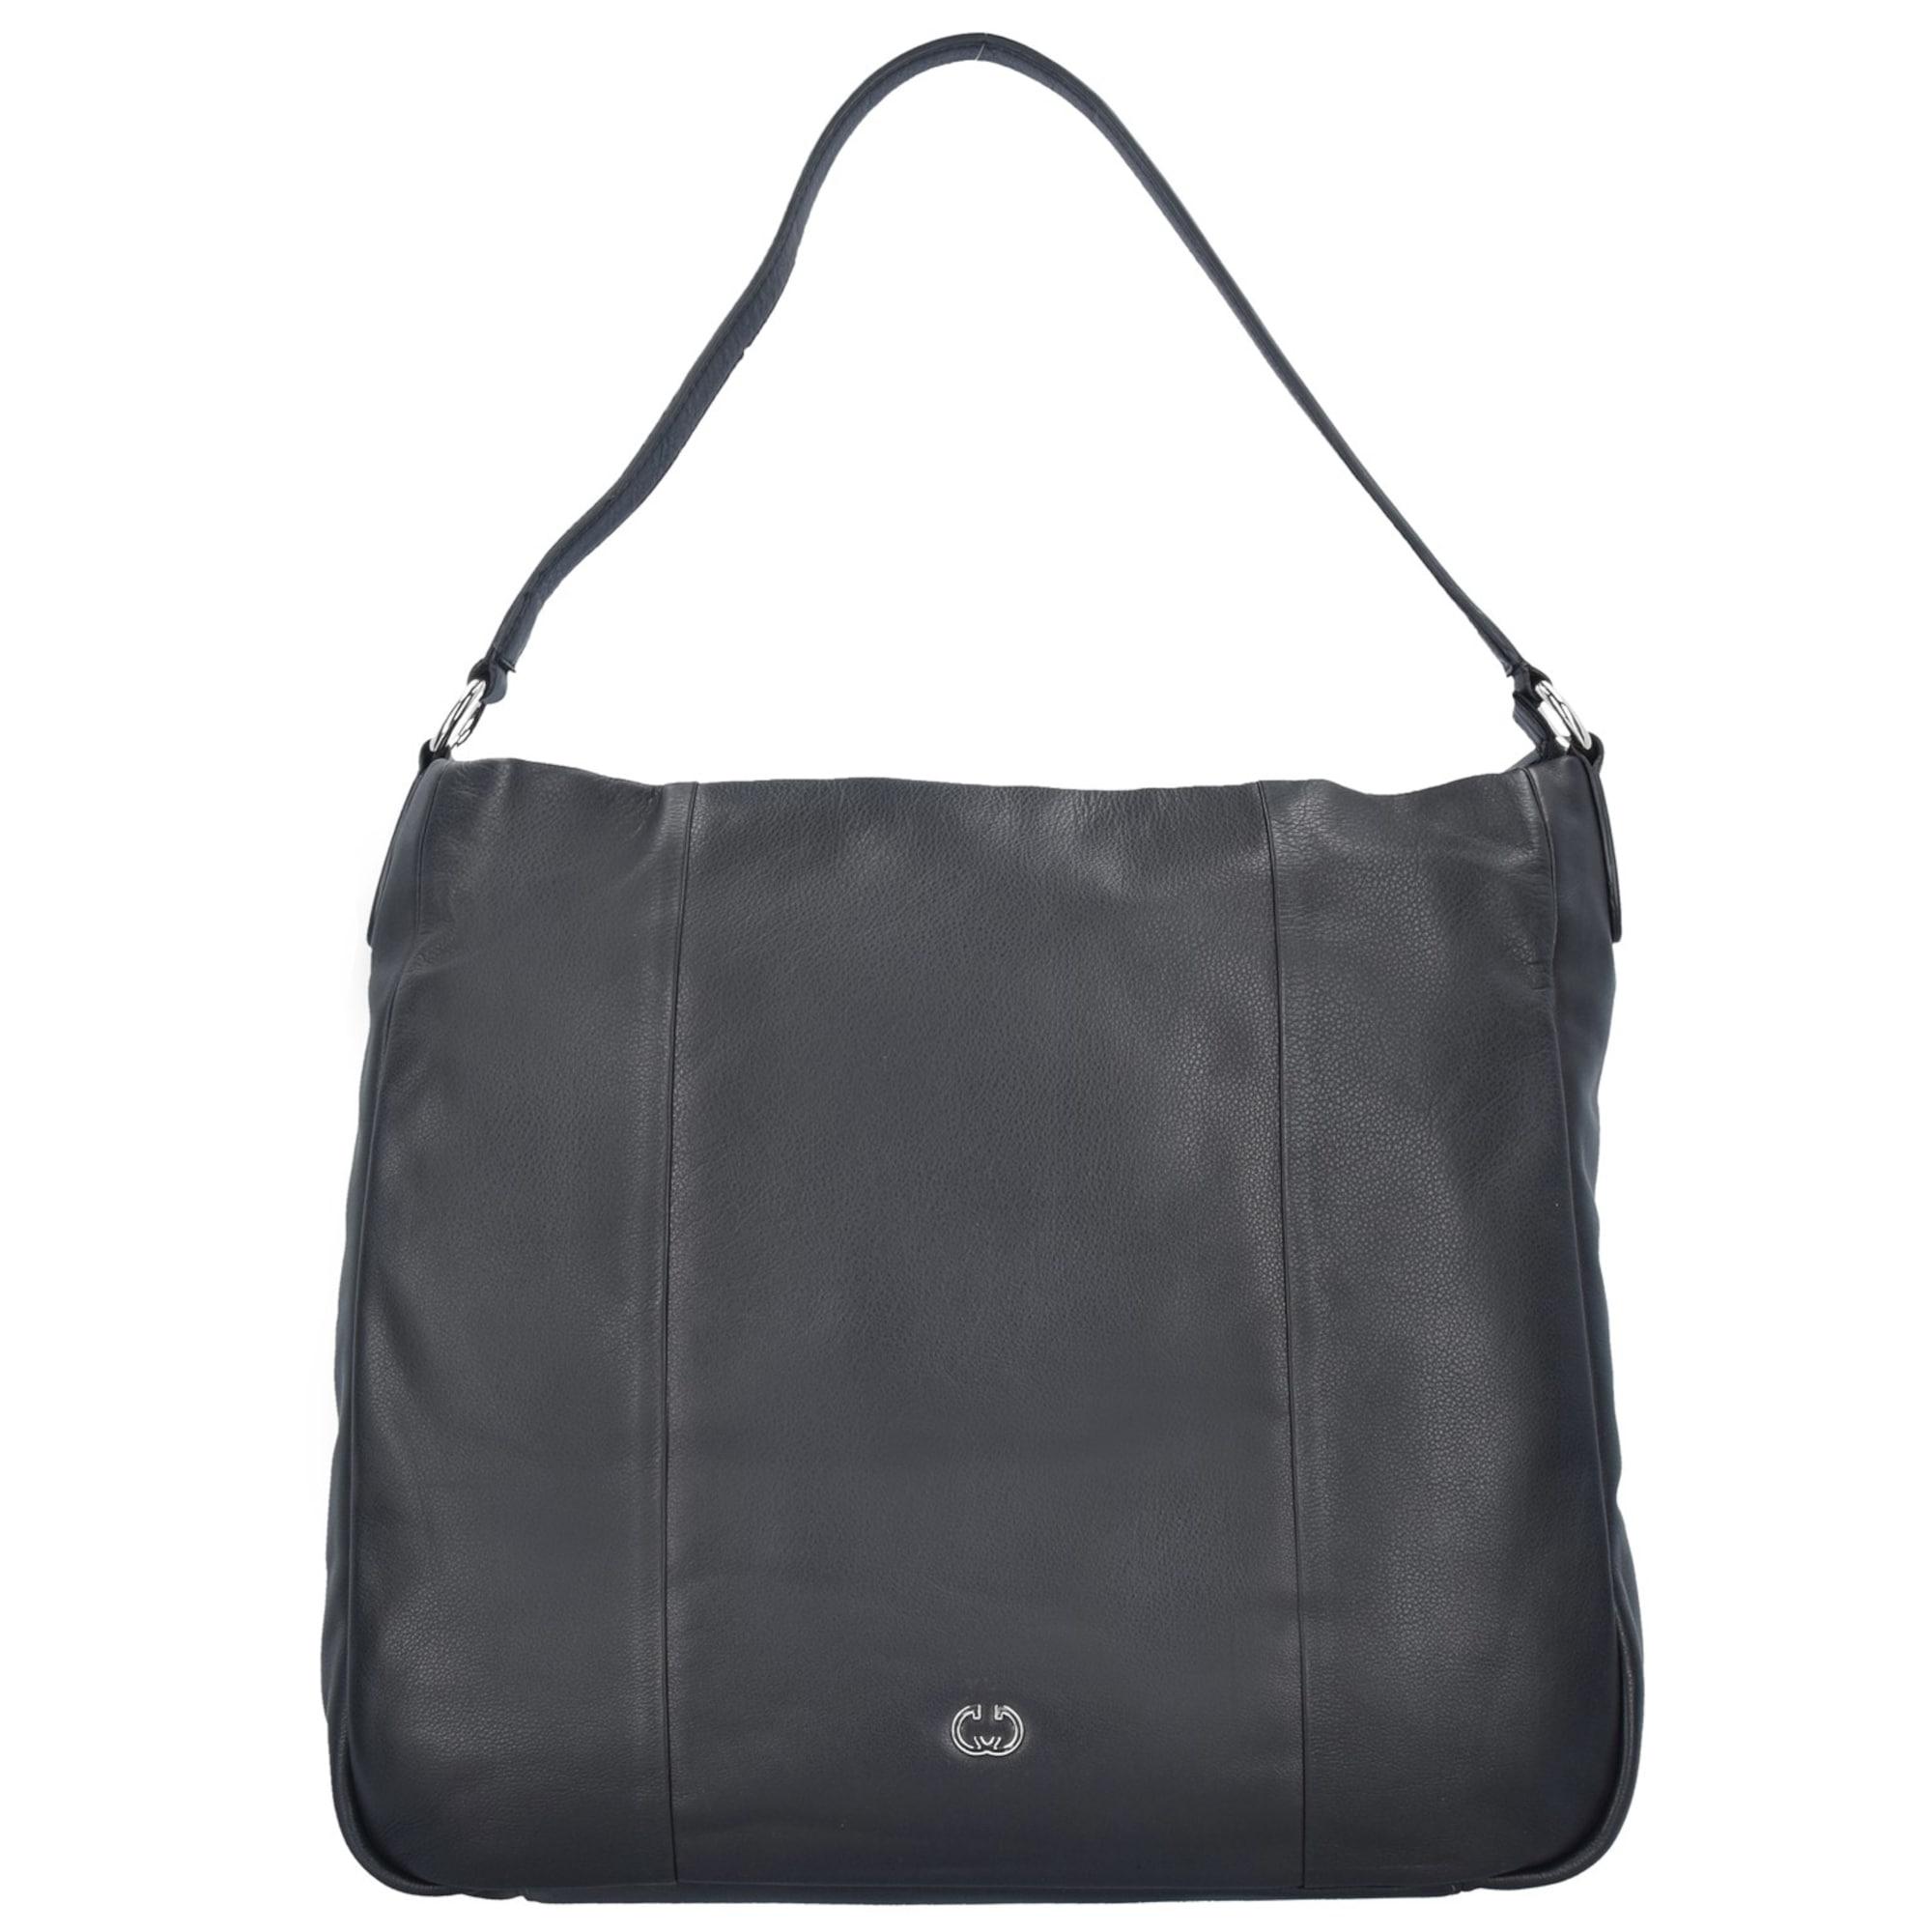 Schultertasche 'Andalucia' | Taschen > Handtaschen > Schultertaschen | Schwarz | Gerry Weber